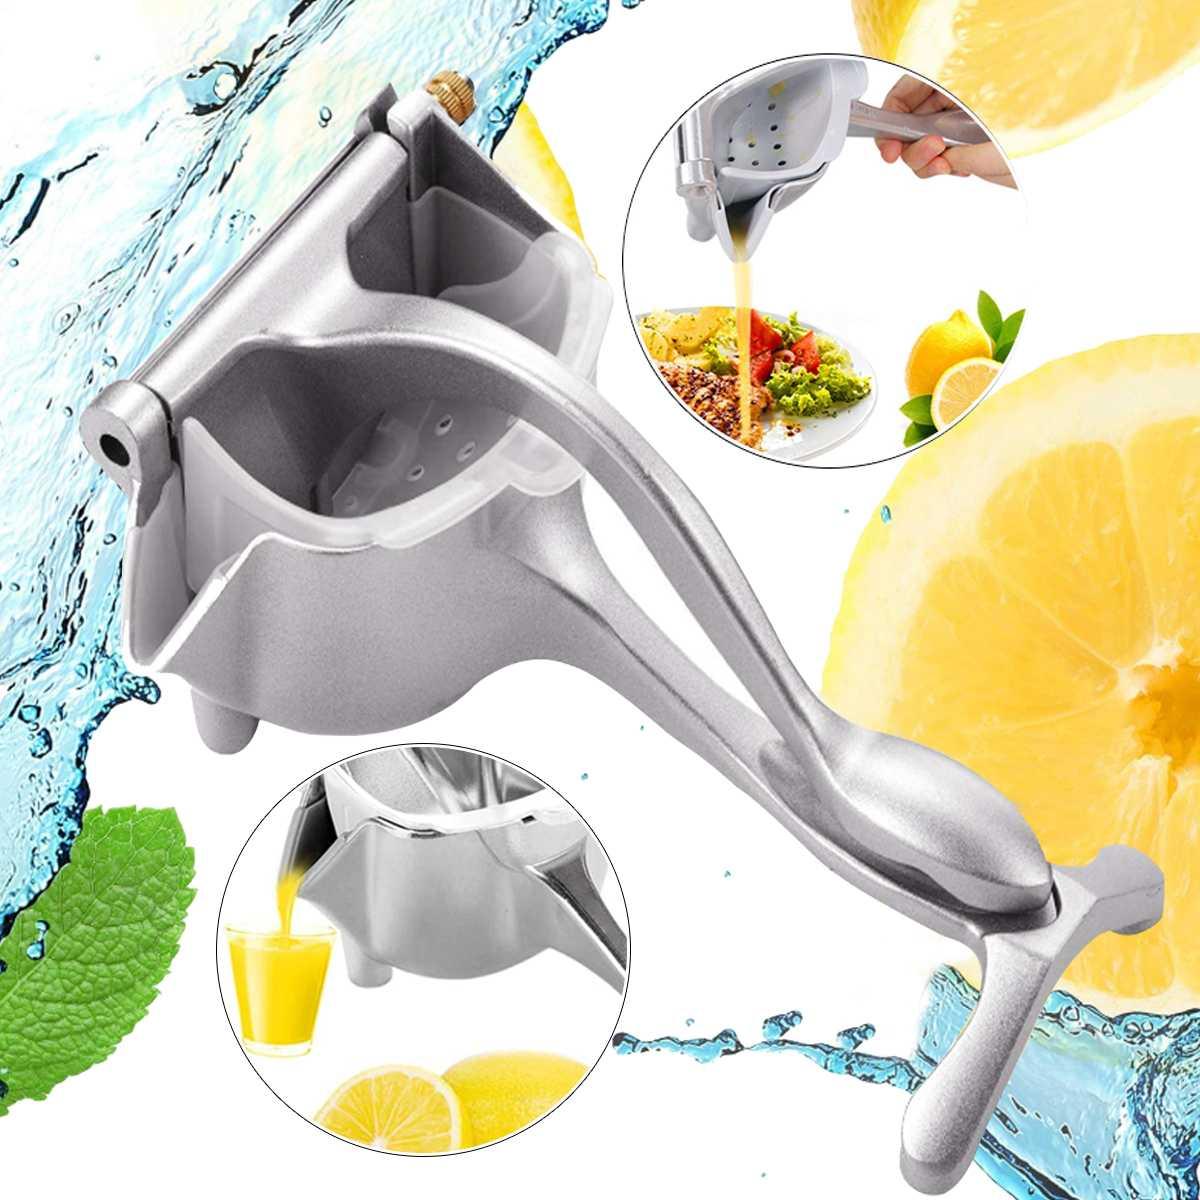 Exprimidor de frutas multifuncional exprimidor de jugo exprimidor de Metal plateado exprimidor de limón y naranja exprimidor de hogar